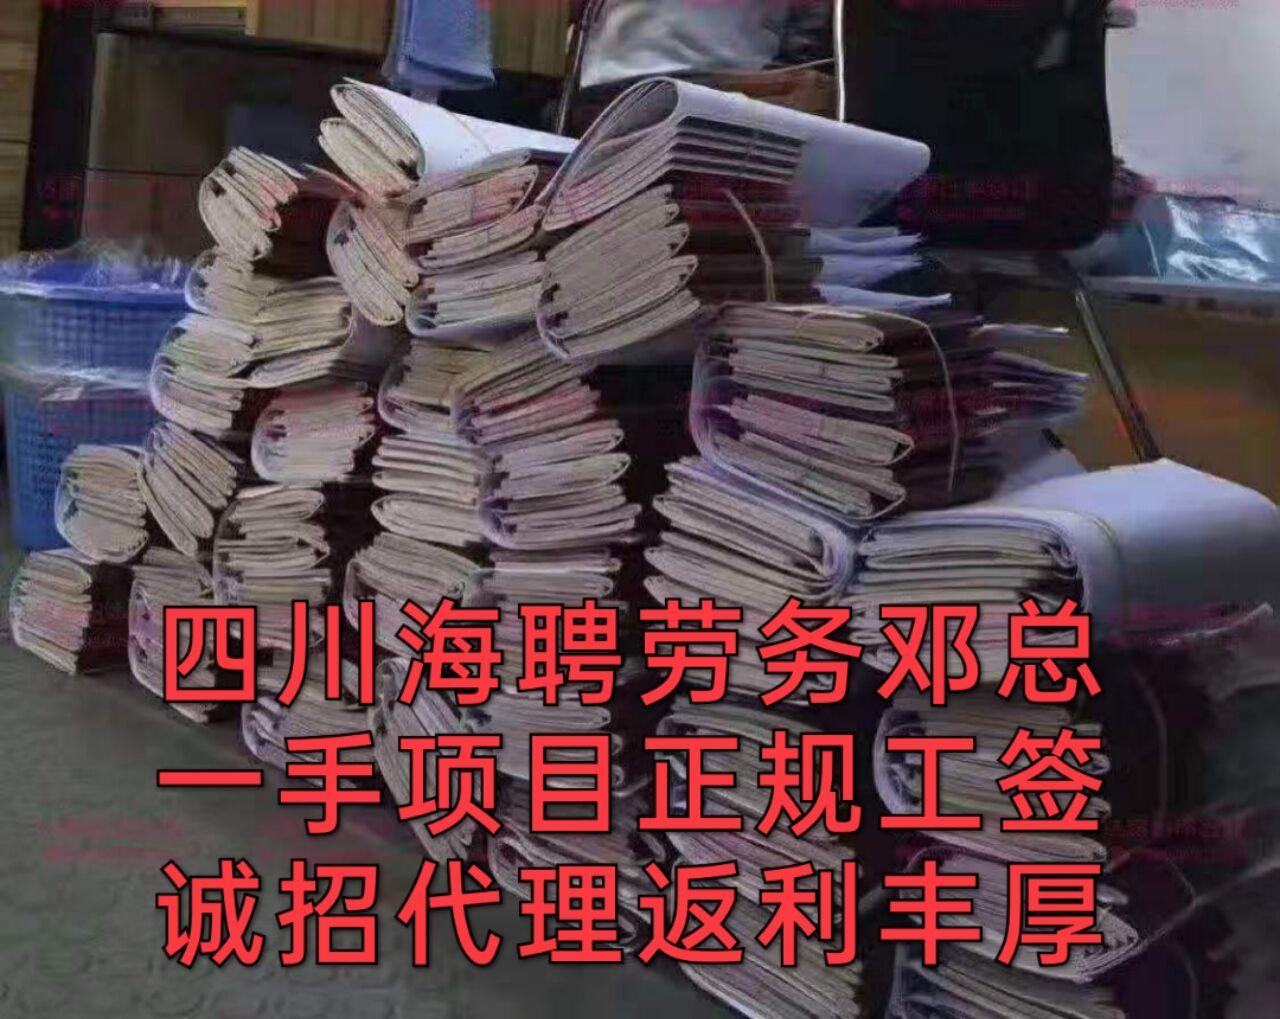 达州市出国新资讯挖掘机安全《四川海聘劳务》